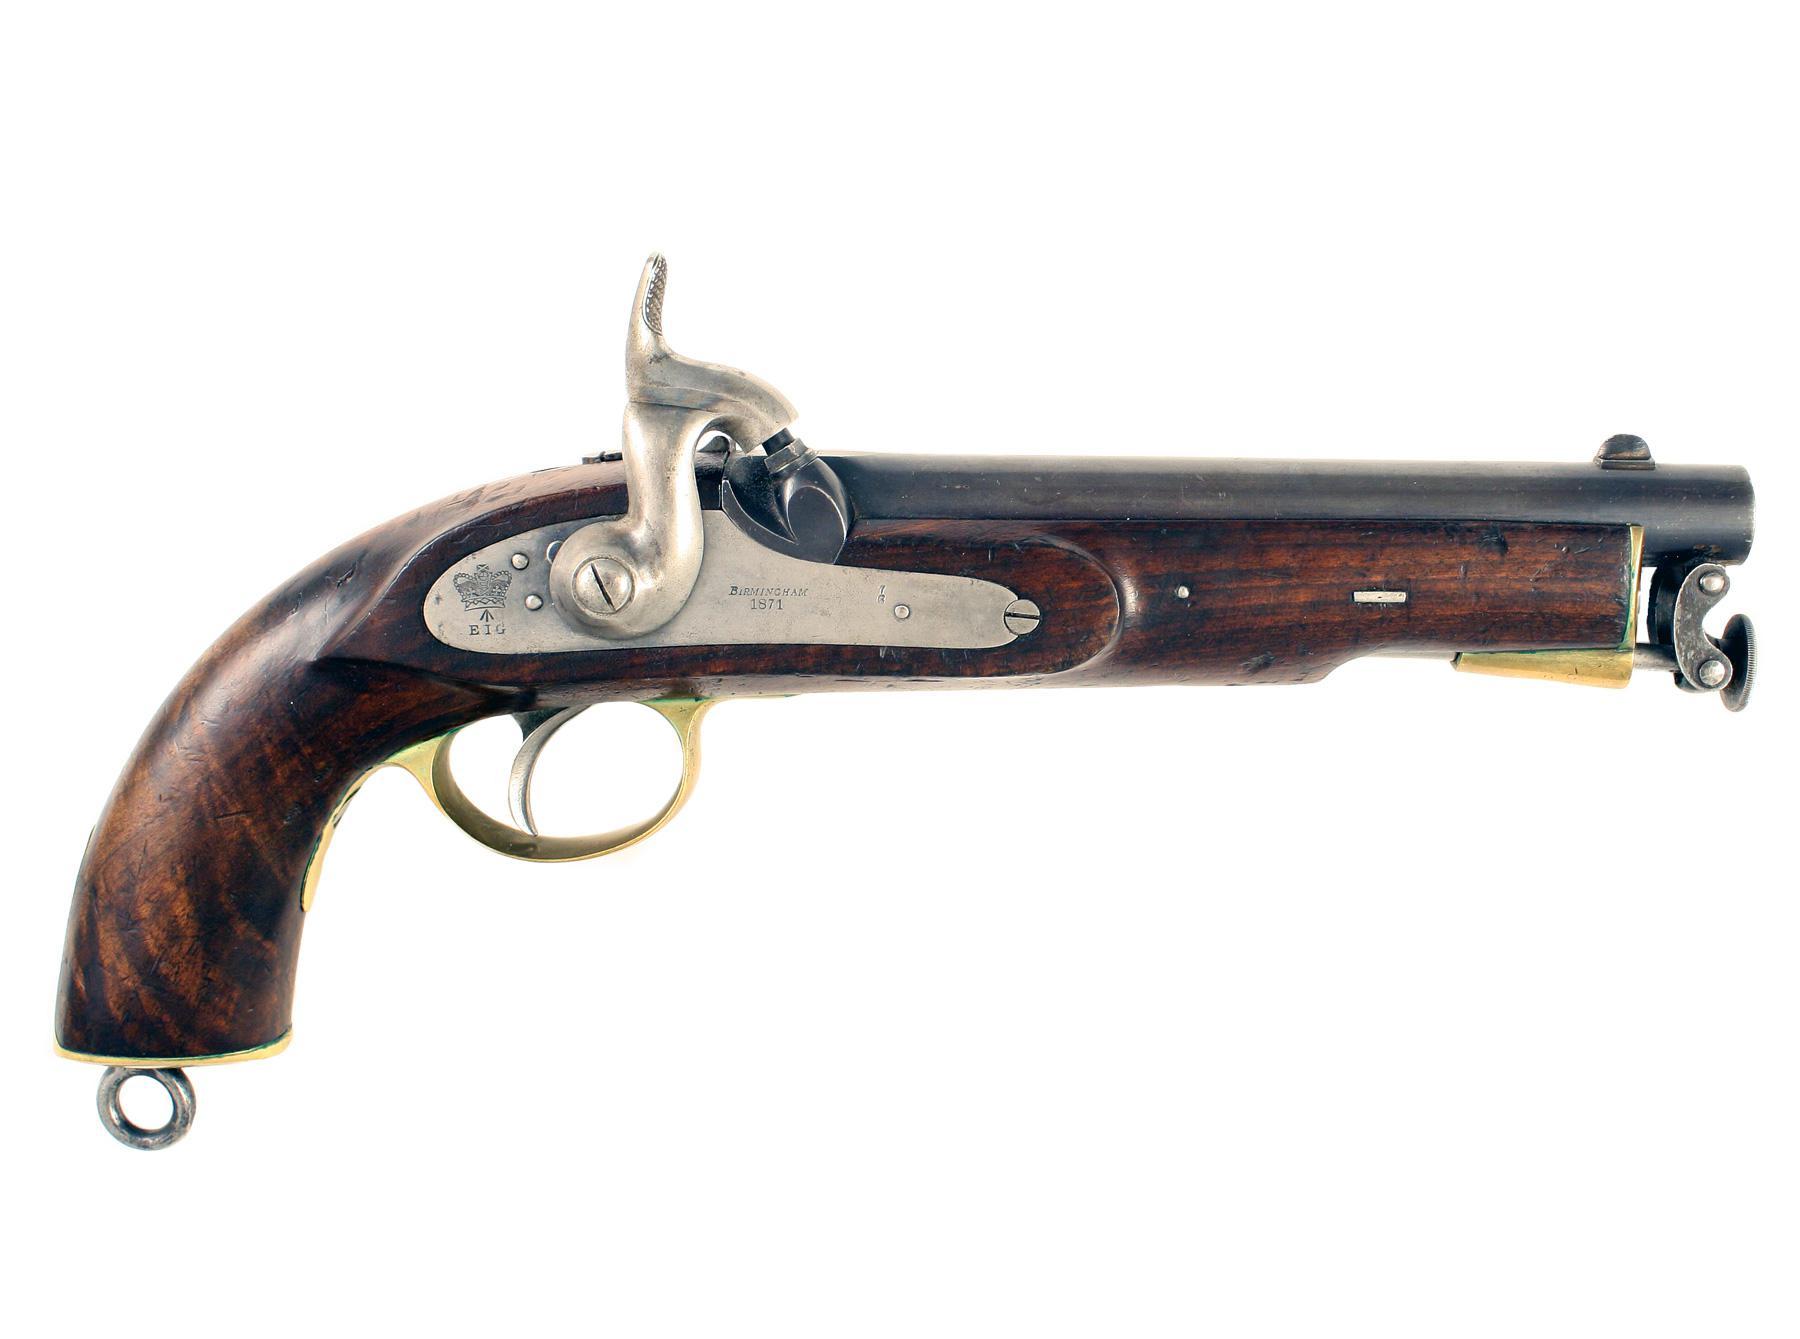 An E.I.G. Pistol